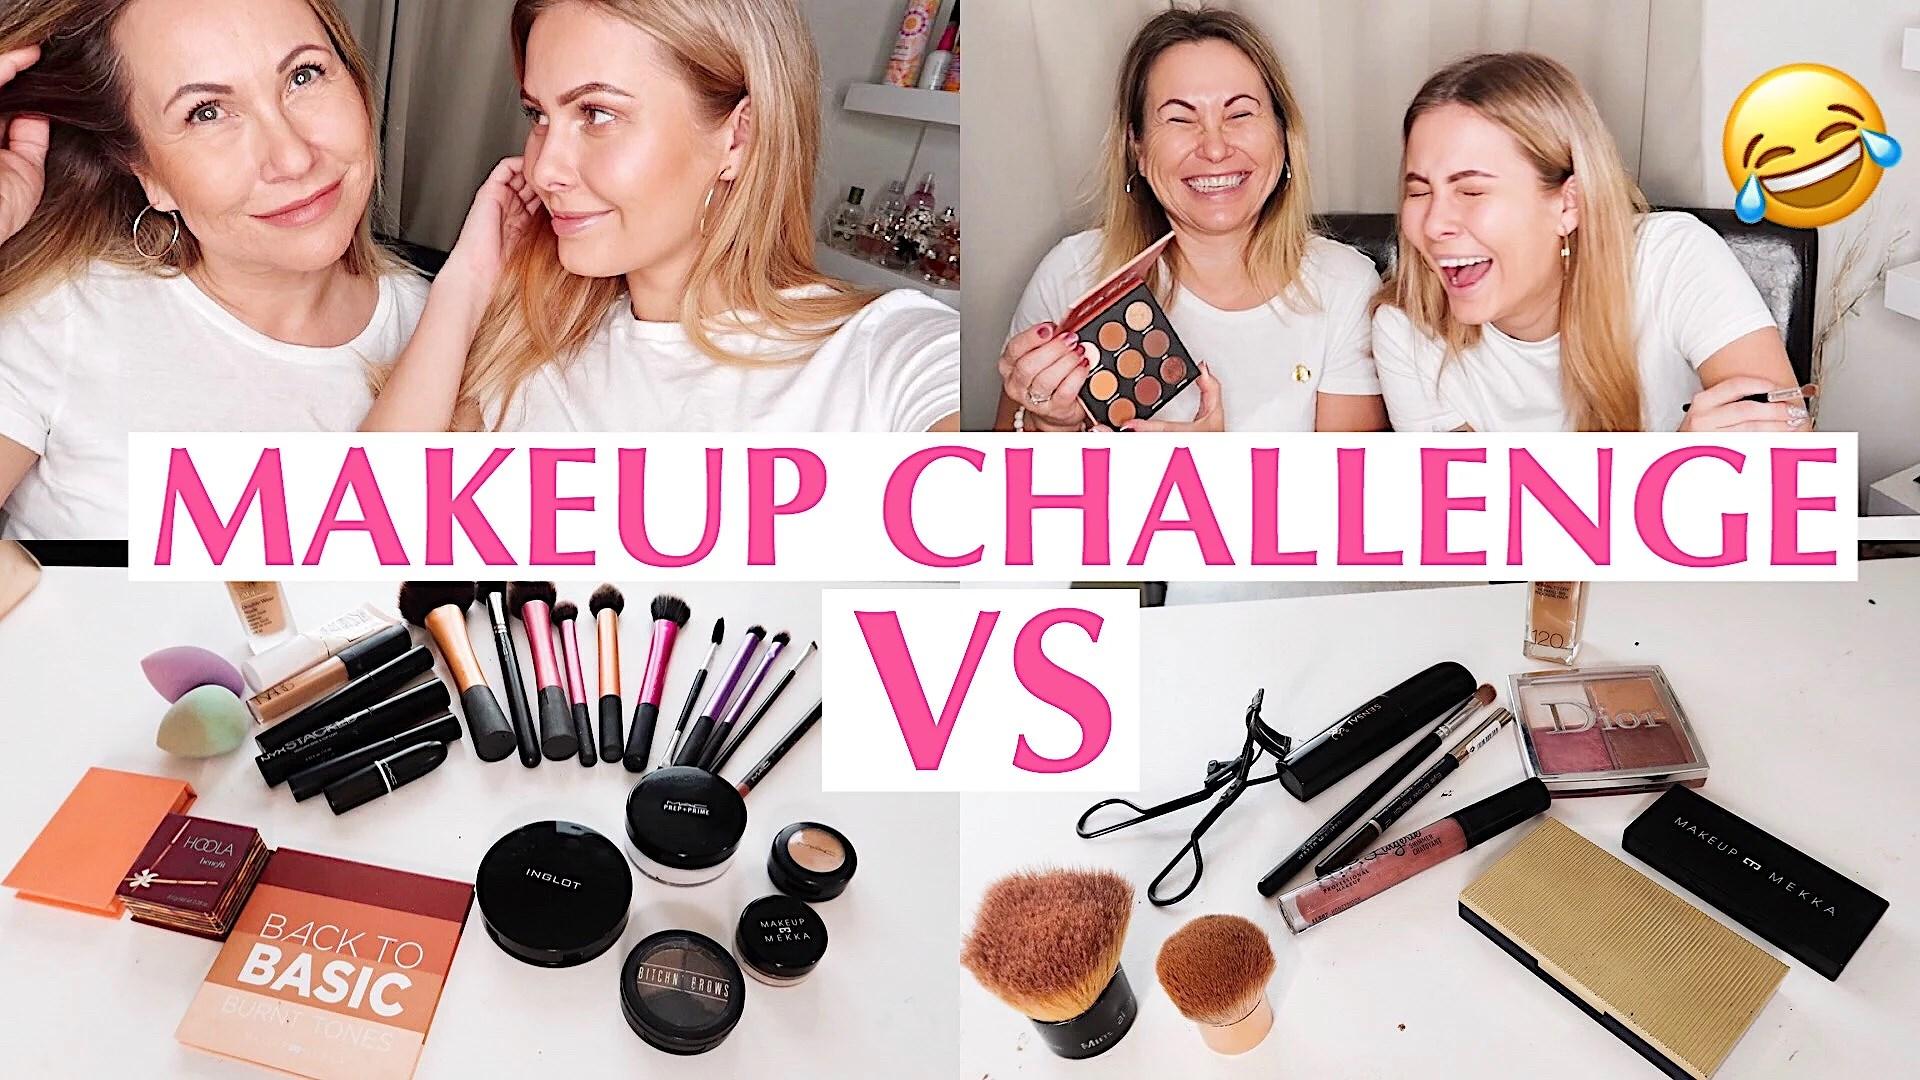 VIDEO - MAKEUP CHALLENGE